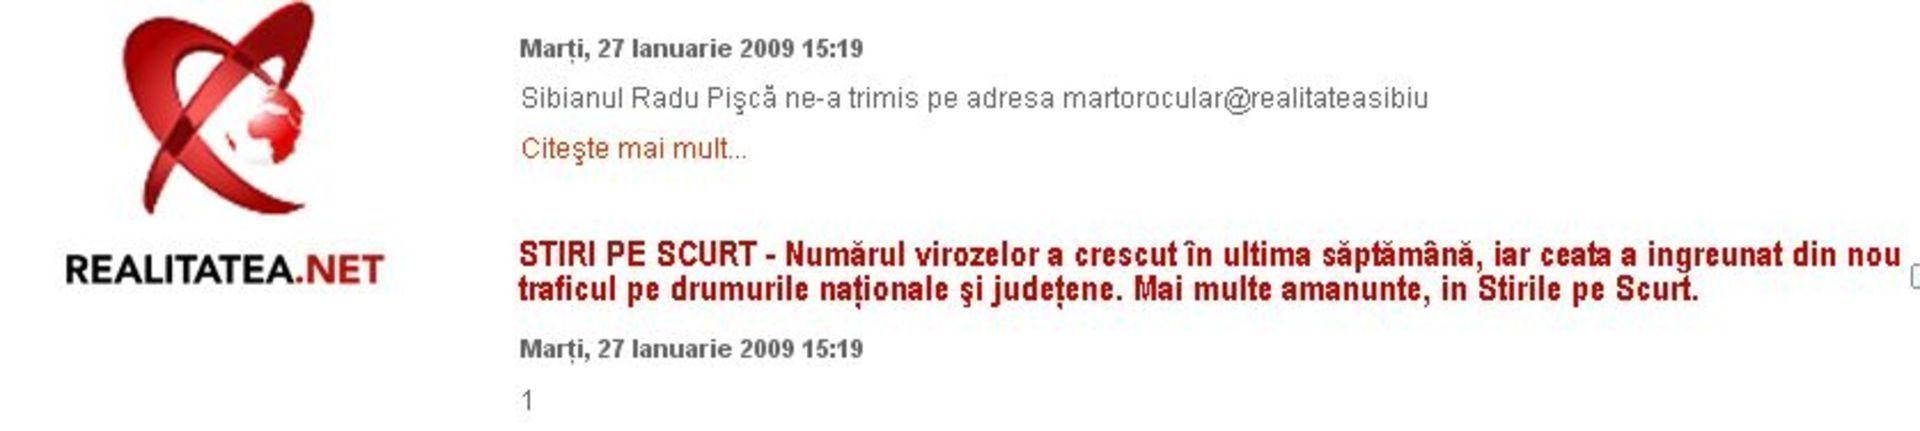 Stiri pe scurt Realitatea TV Sibiu